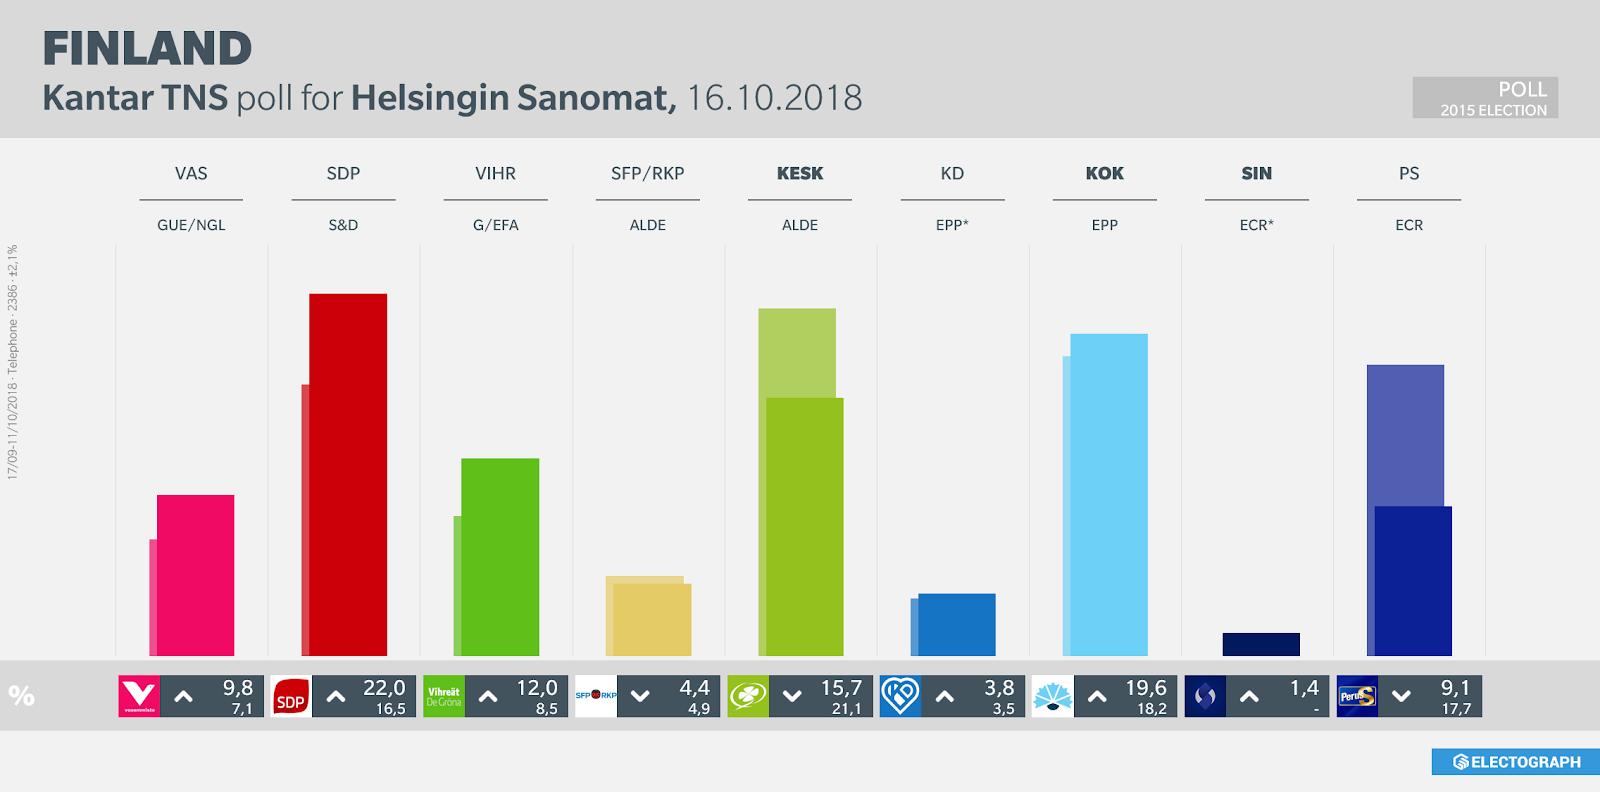 FINLAND: Kantar TNS poll chart for Helsingin Sanomat, October 2018